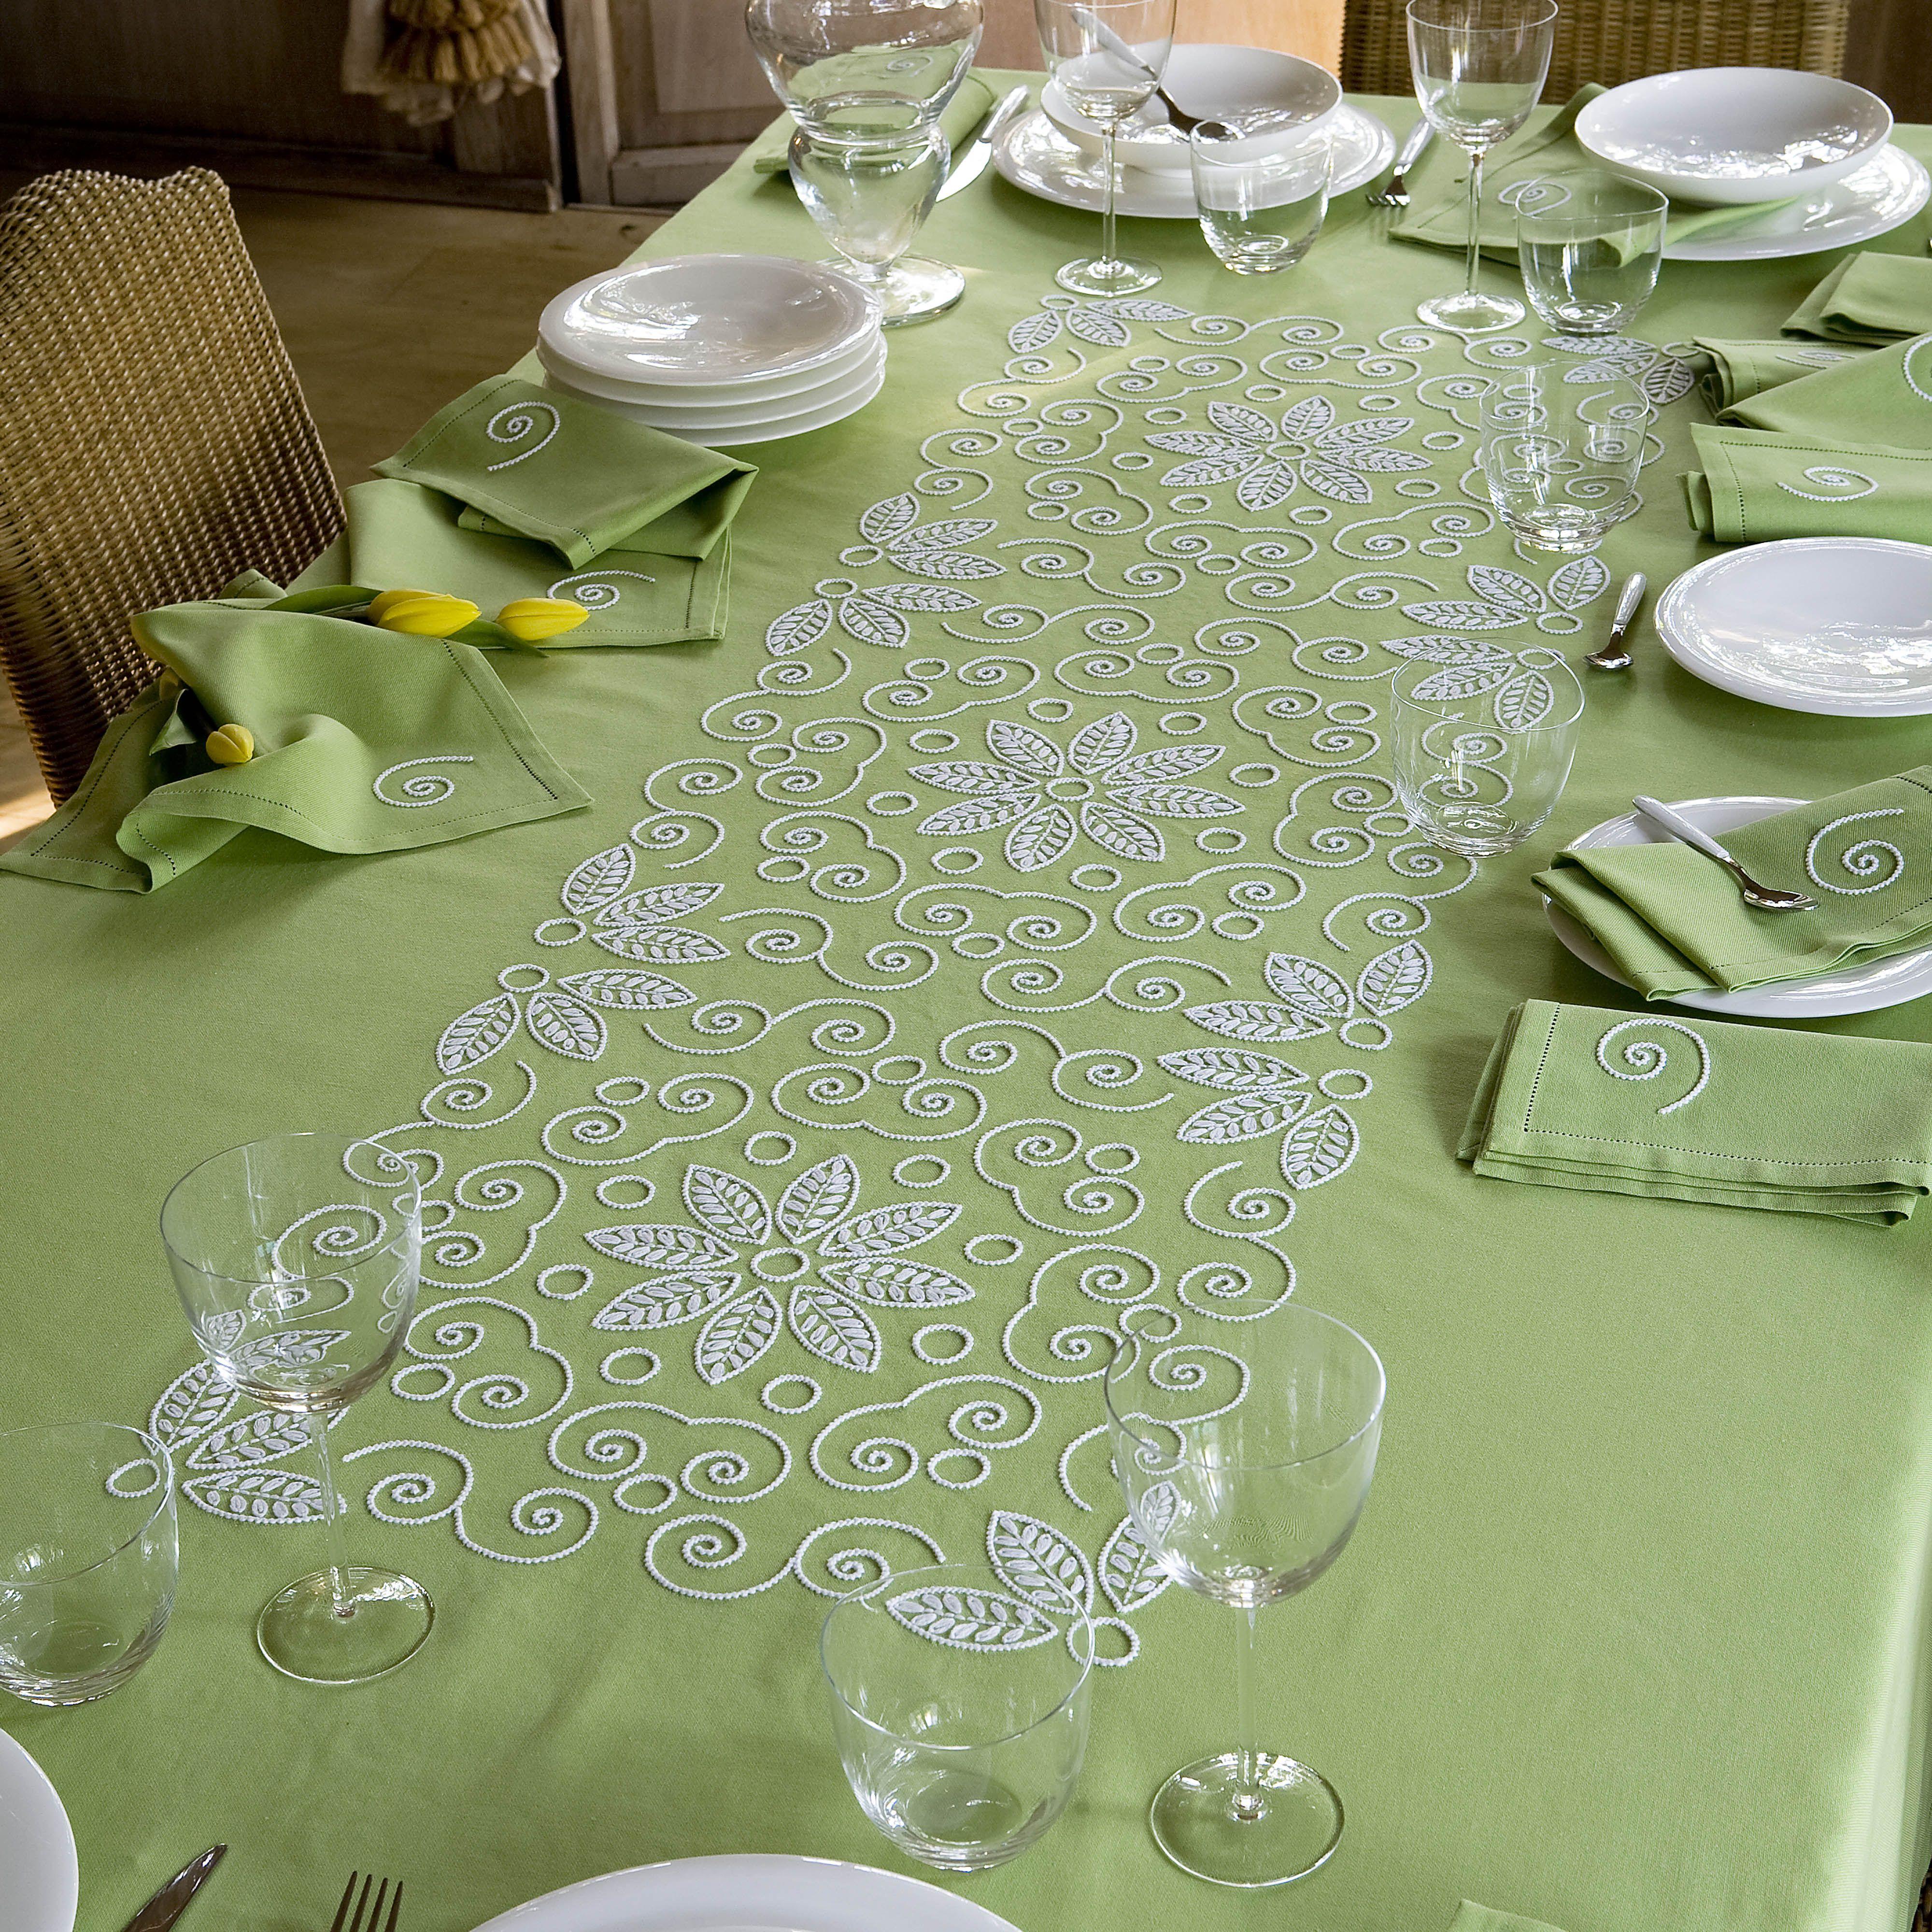 Tovaglia punto palestrina mani di fata eyiz embroidery stitches embroidery applique e - Disegni punto croce per tovaglie da tavola ...